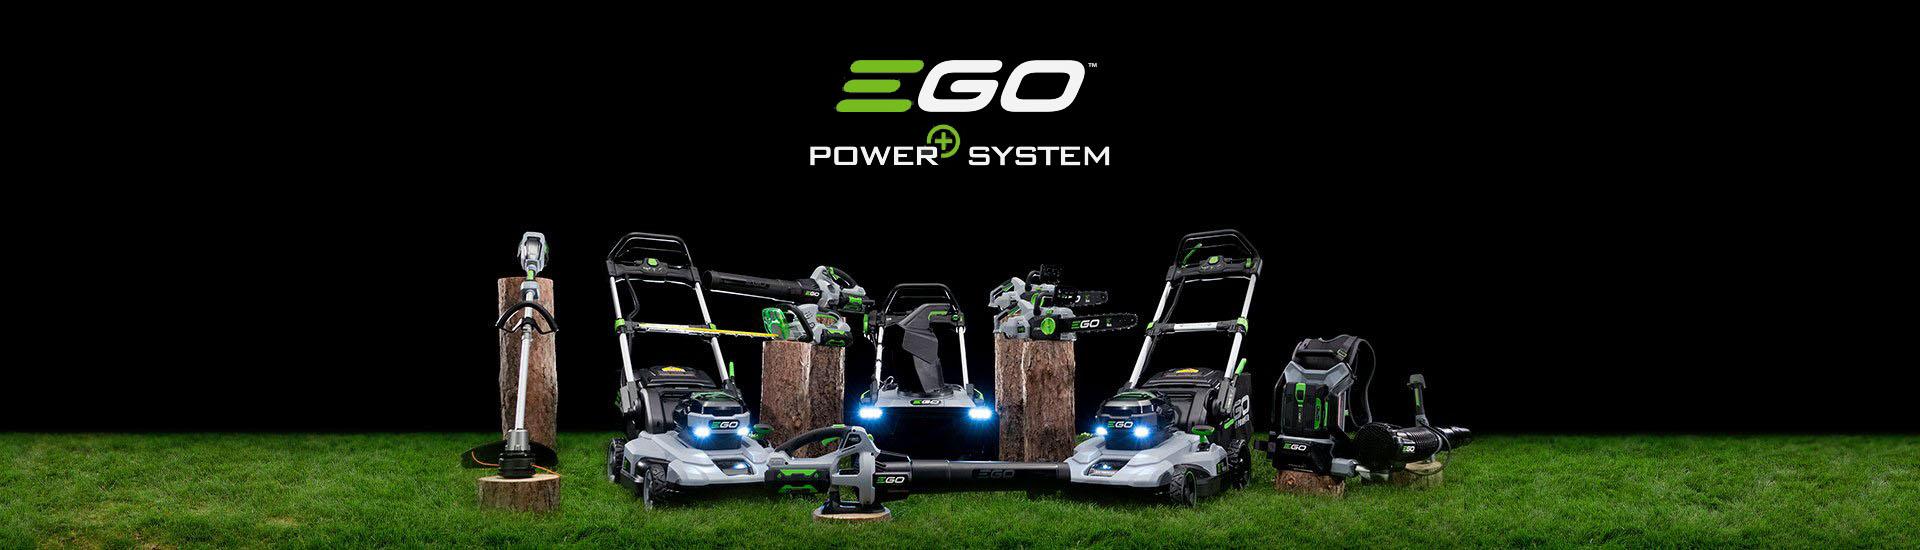 EGO Accu power gereedschap